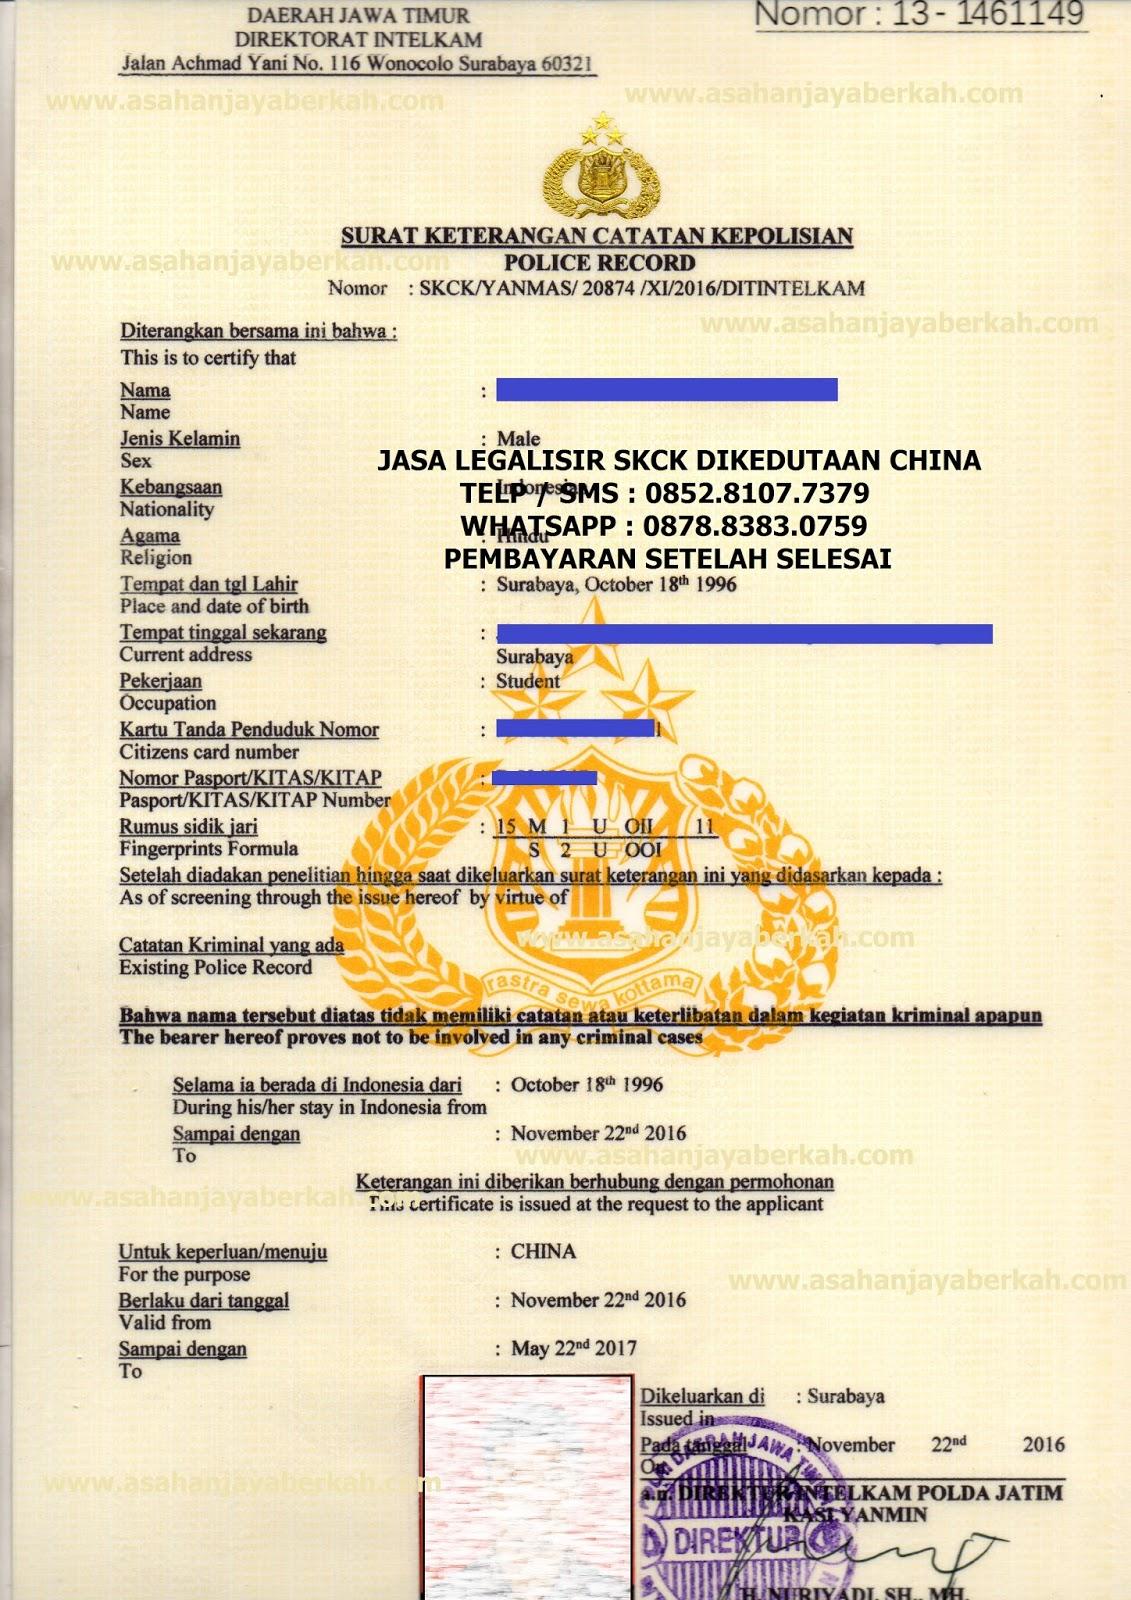 LEGALISIR SKCK DI KEDUTAAN CHINA ~ PT. ASAHAN JAYA BERKAH